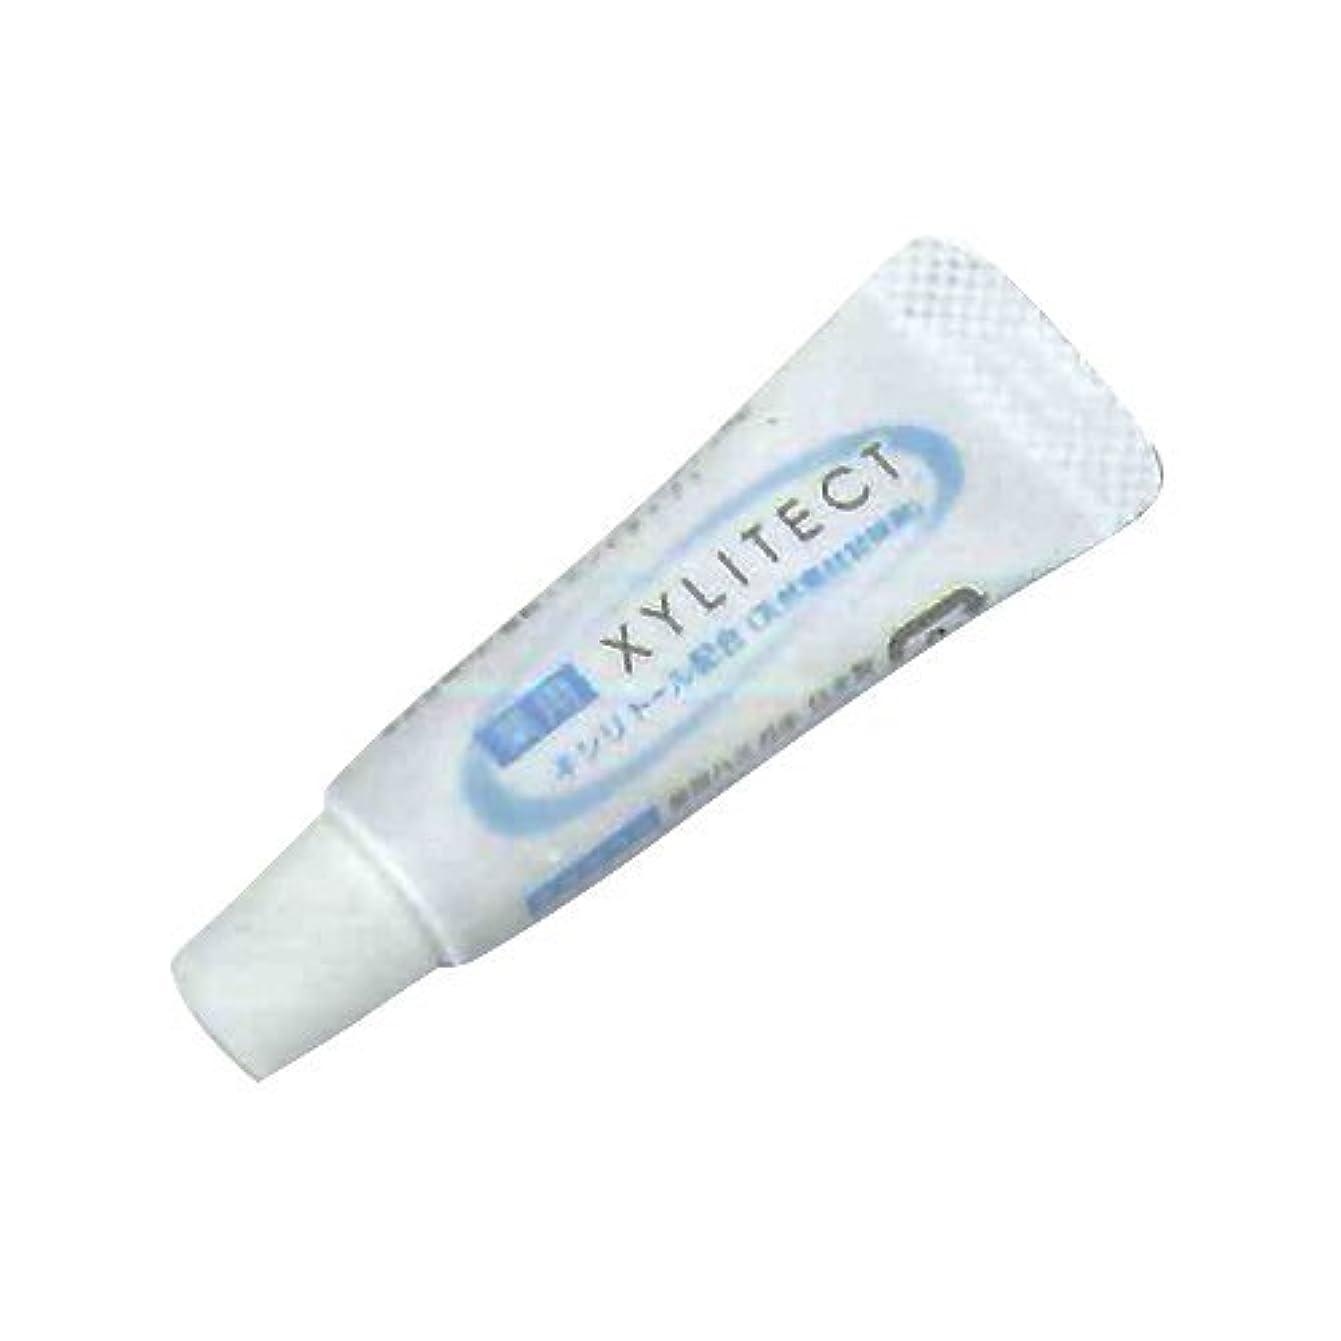 性差別いじめっ子計画業務用歯磨き粉 薬用キシリテクト (XYLITECT) 4.5g ×50個セット (個包装タイプ) | ホテルアメニティ ハミガキ toothpaste